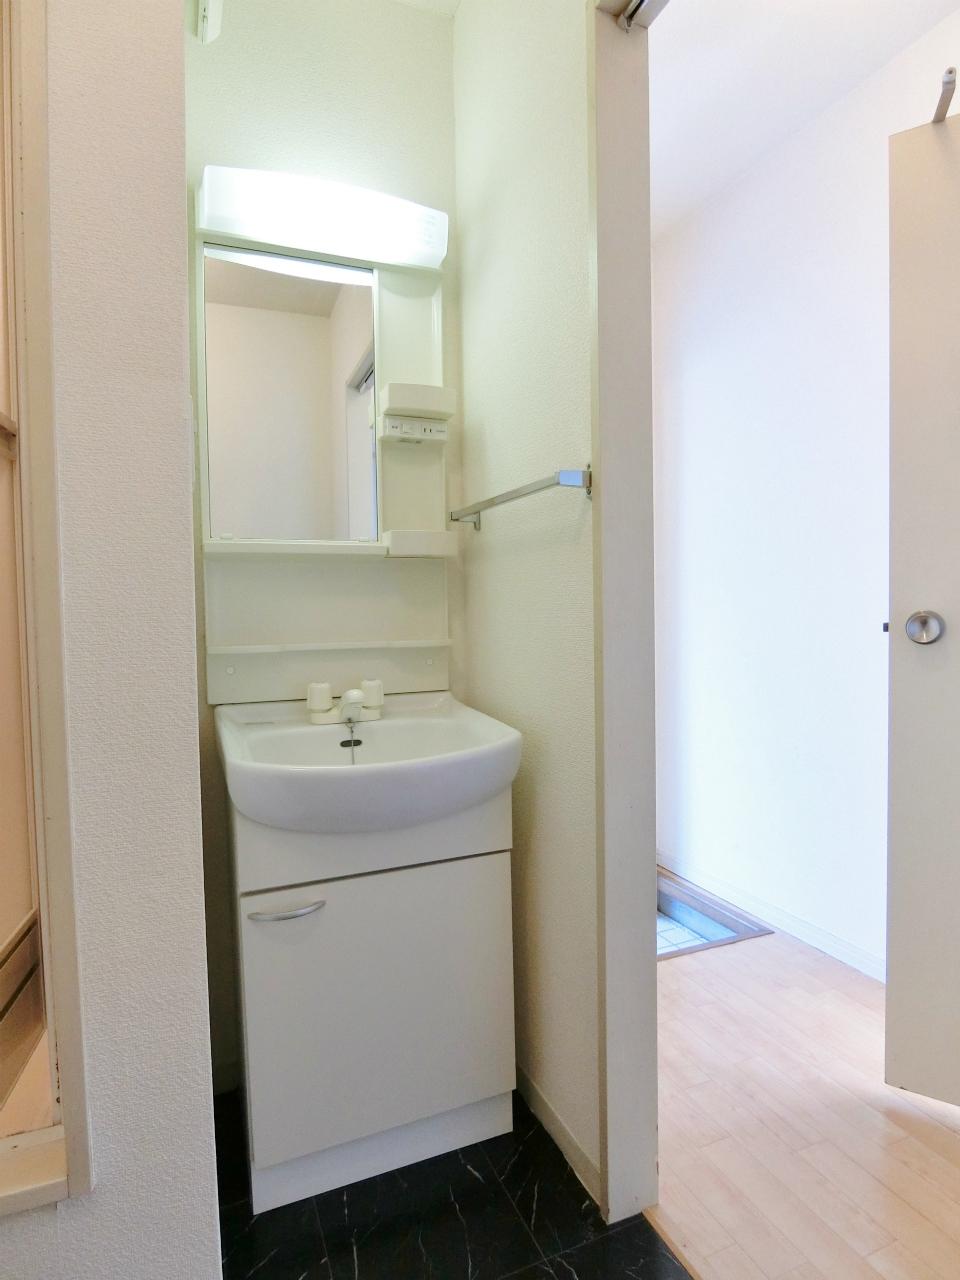 洗面設備 洗面所は必須ですね♪♪♪